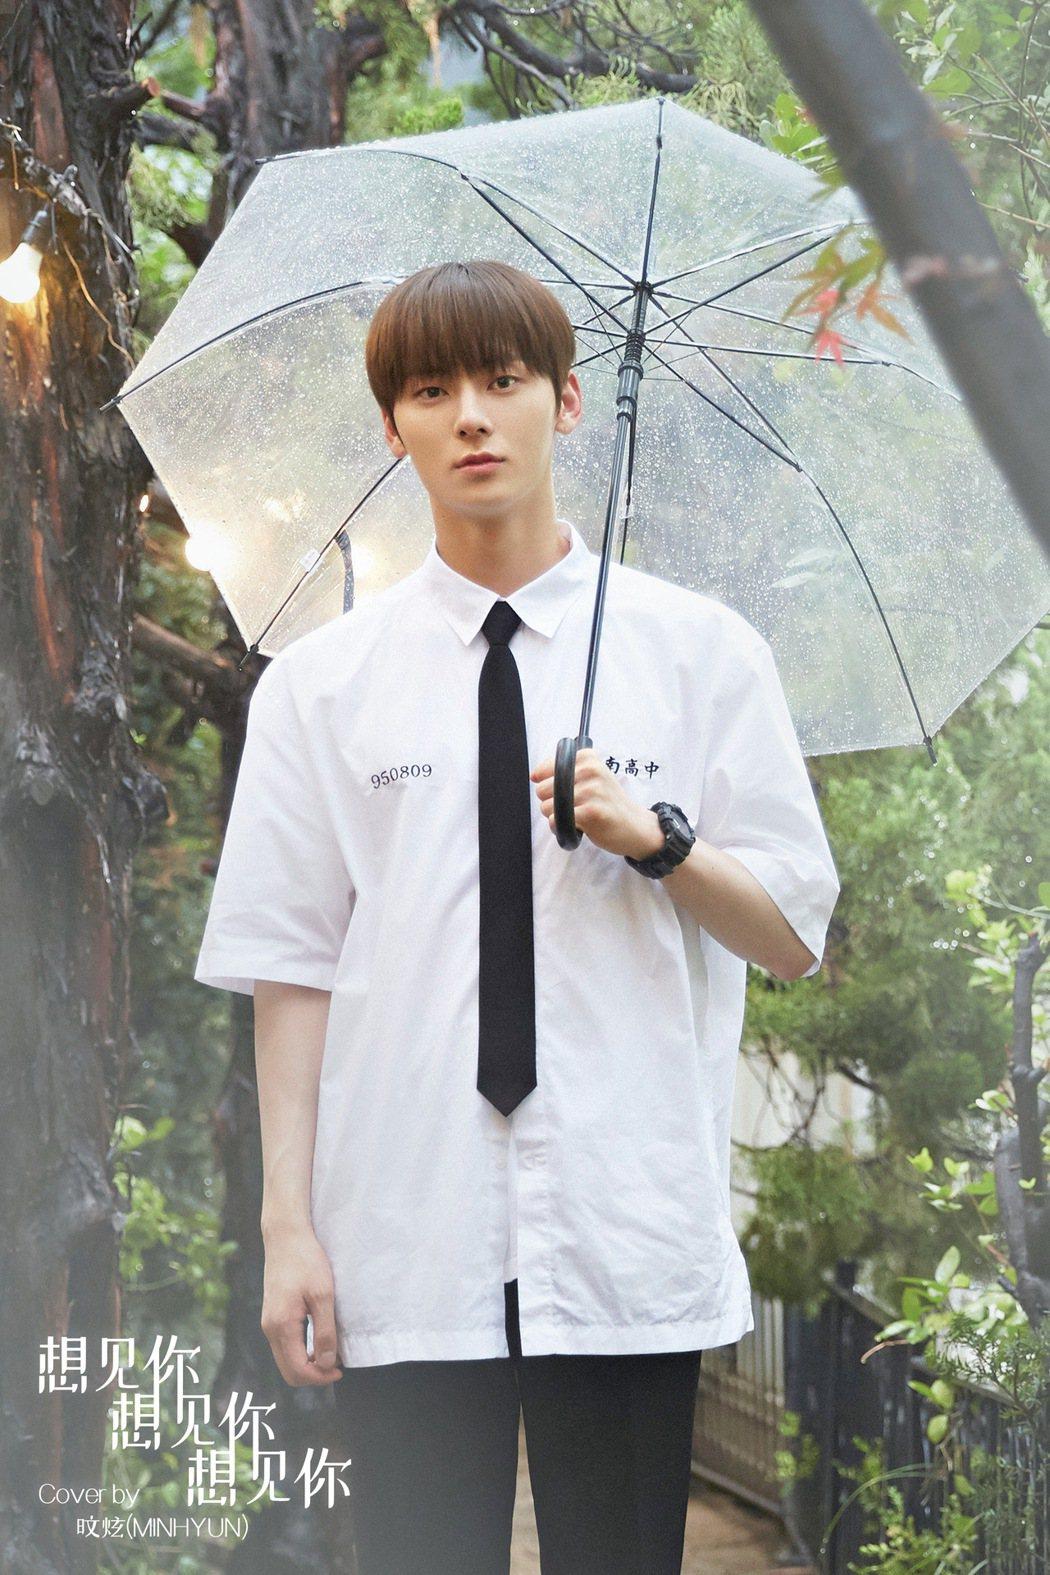 黃旼炫穿上制服重現劇中學生造型。圖/RICHINING 提供